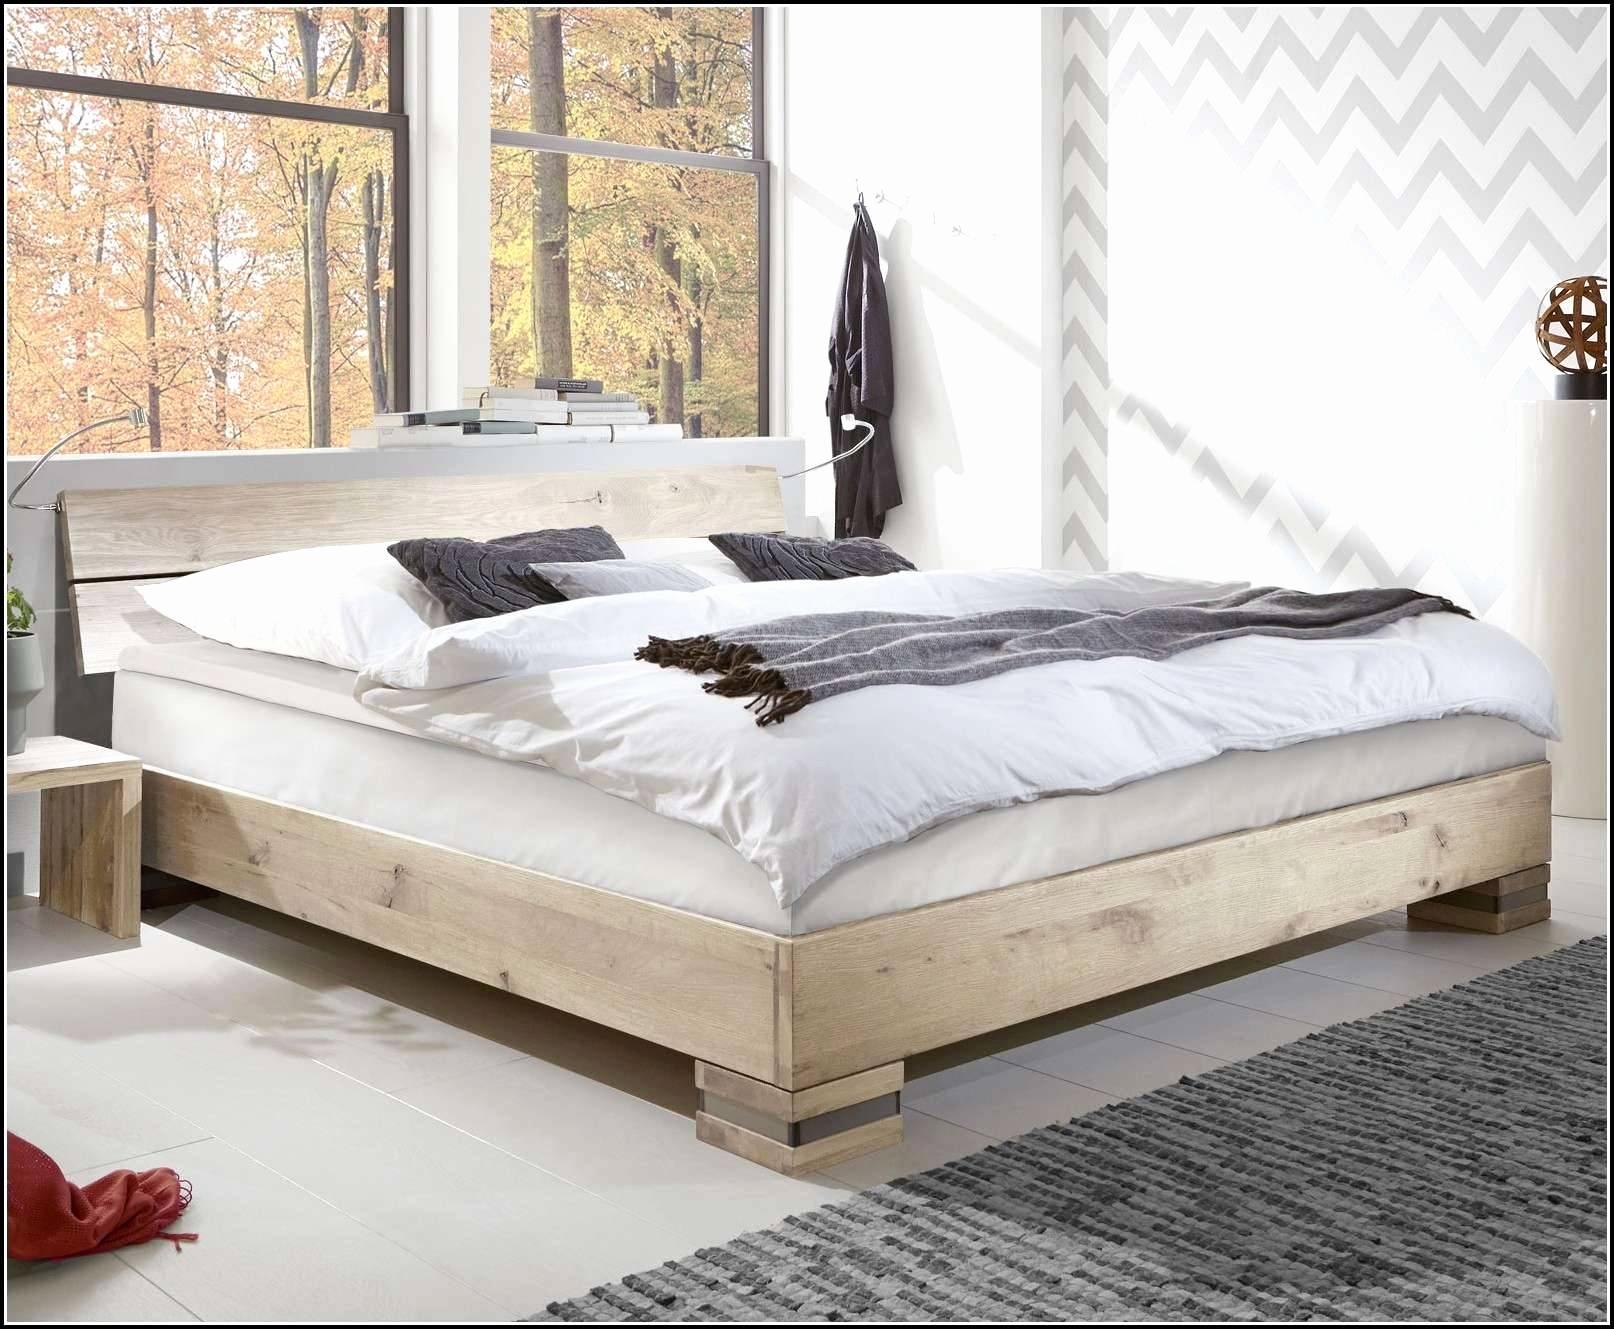 Full Size of Kinderbett Poco Bett 160x200 Big Sofa Schlafzimmer Komplett Küche Betten 140x200 Wohnzimmer Kinderbett Poco